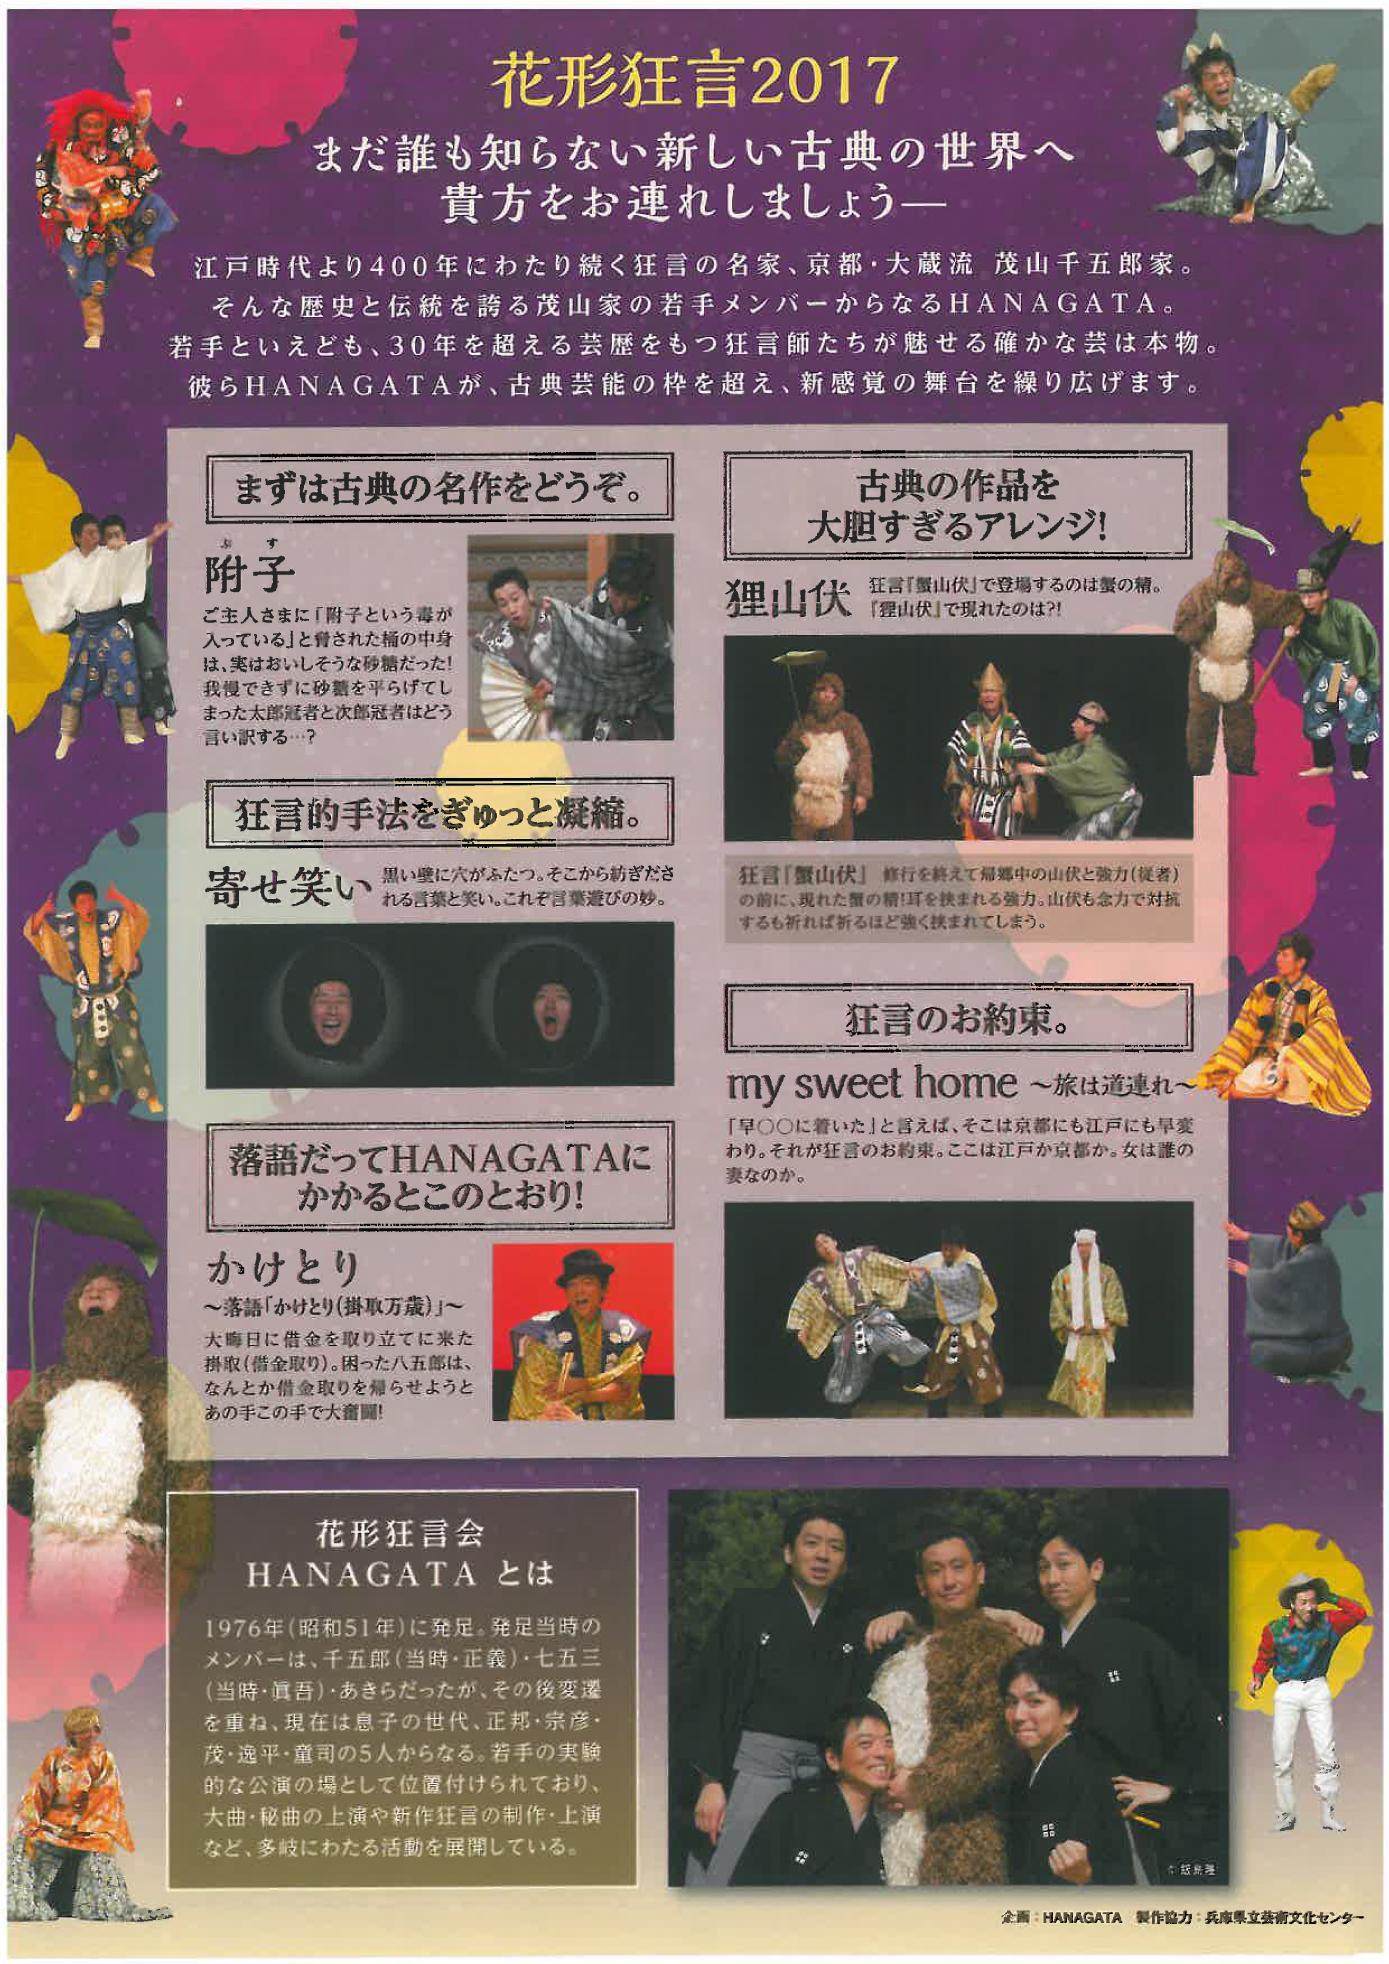 20170205hanagatakurashiki_ura